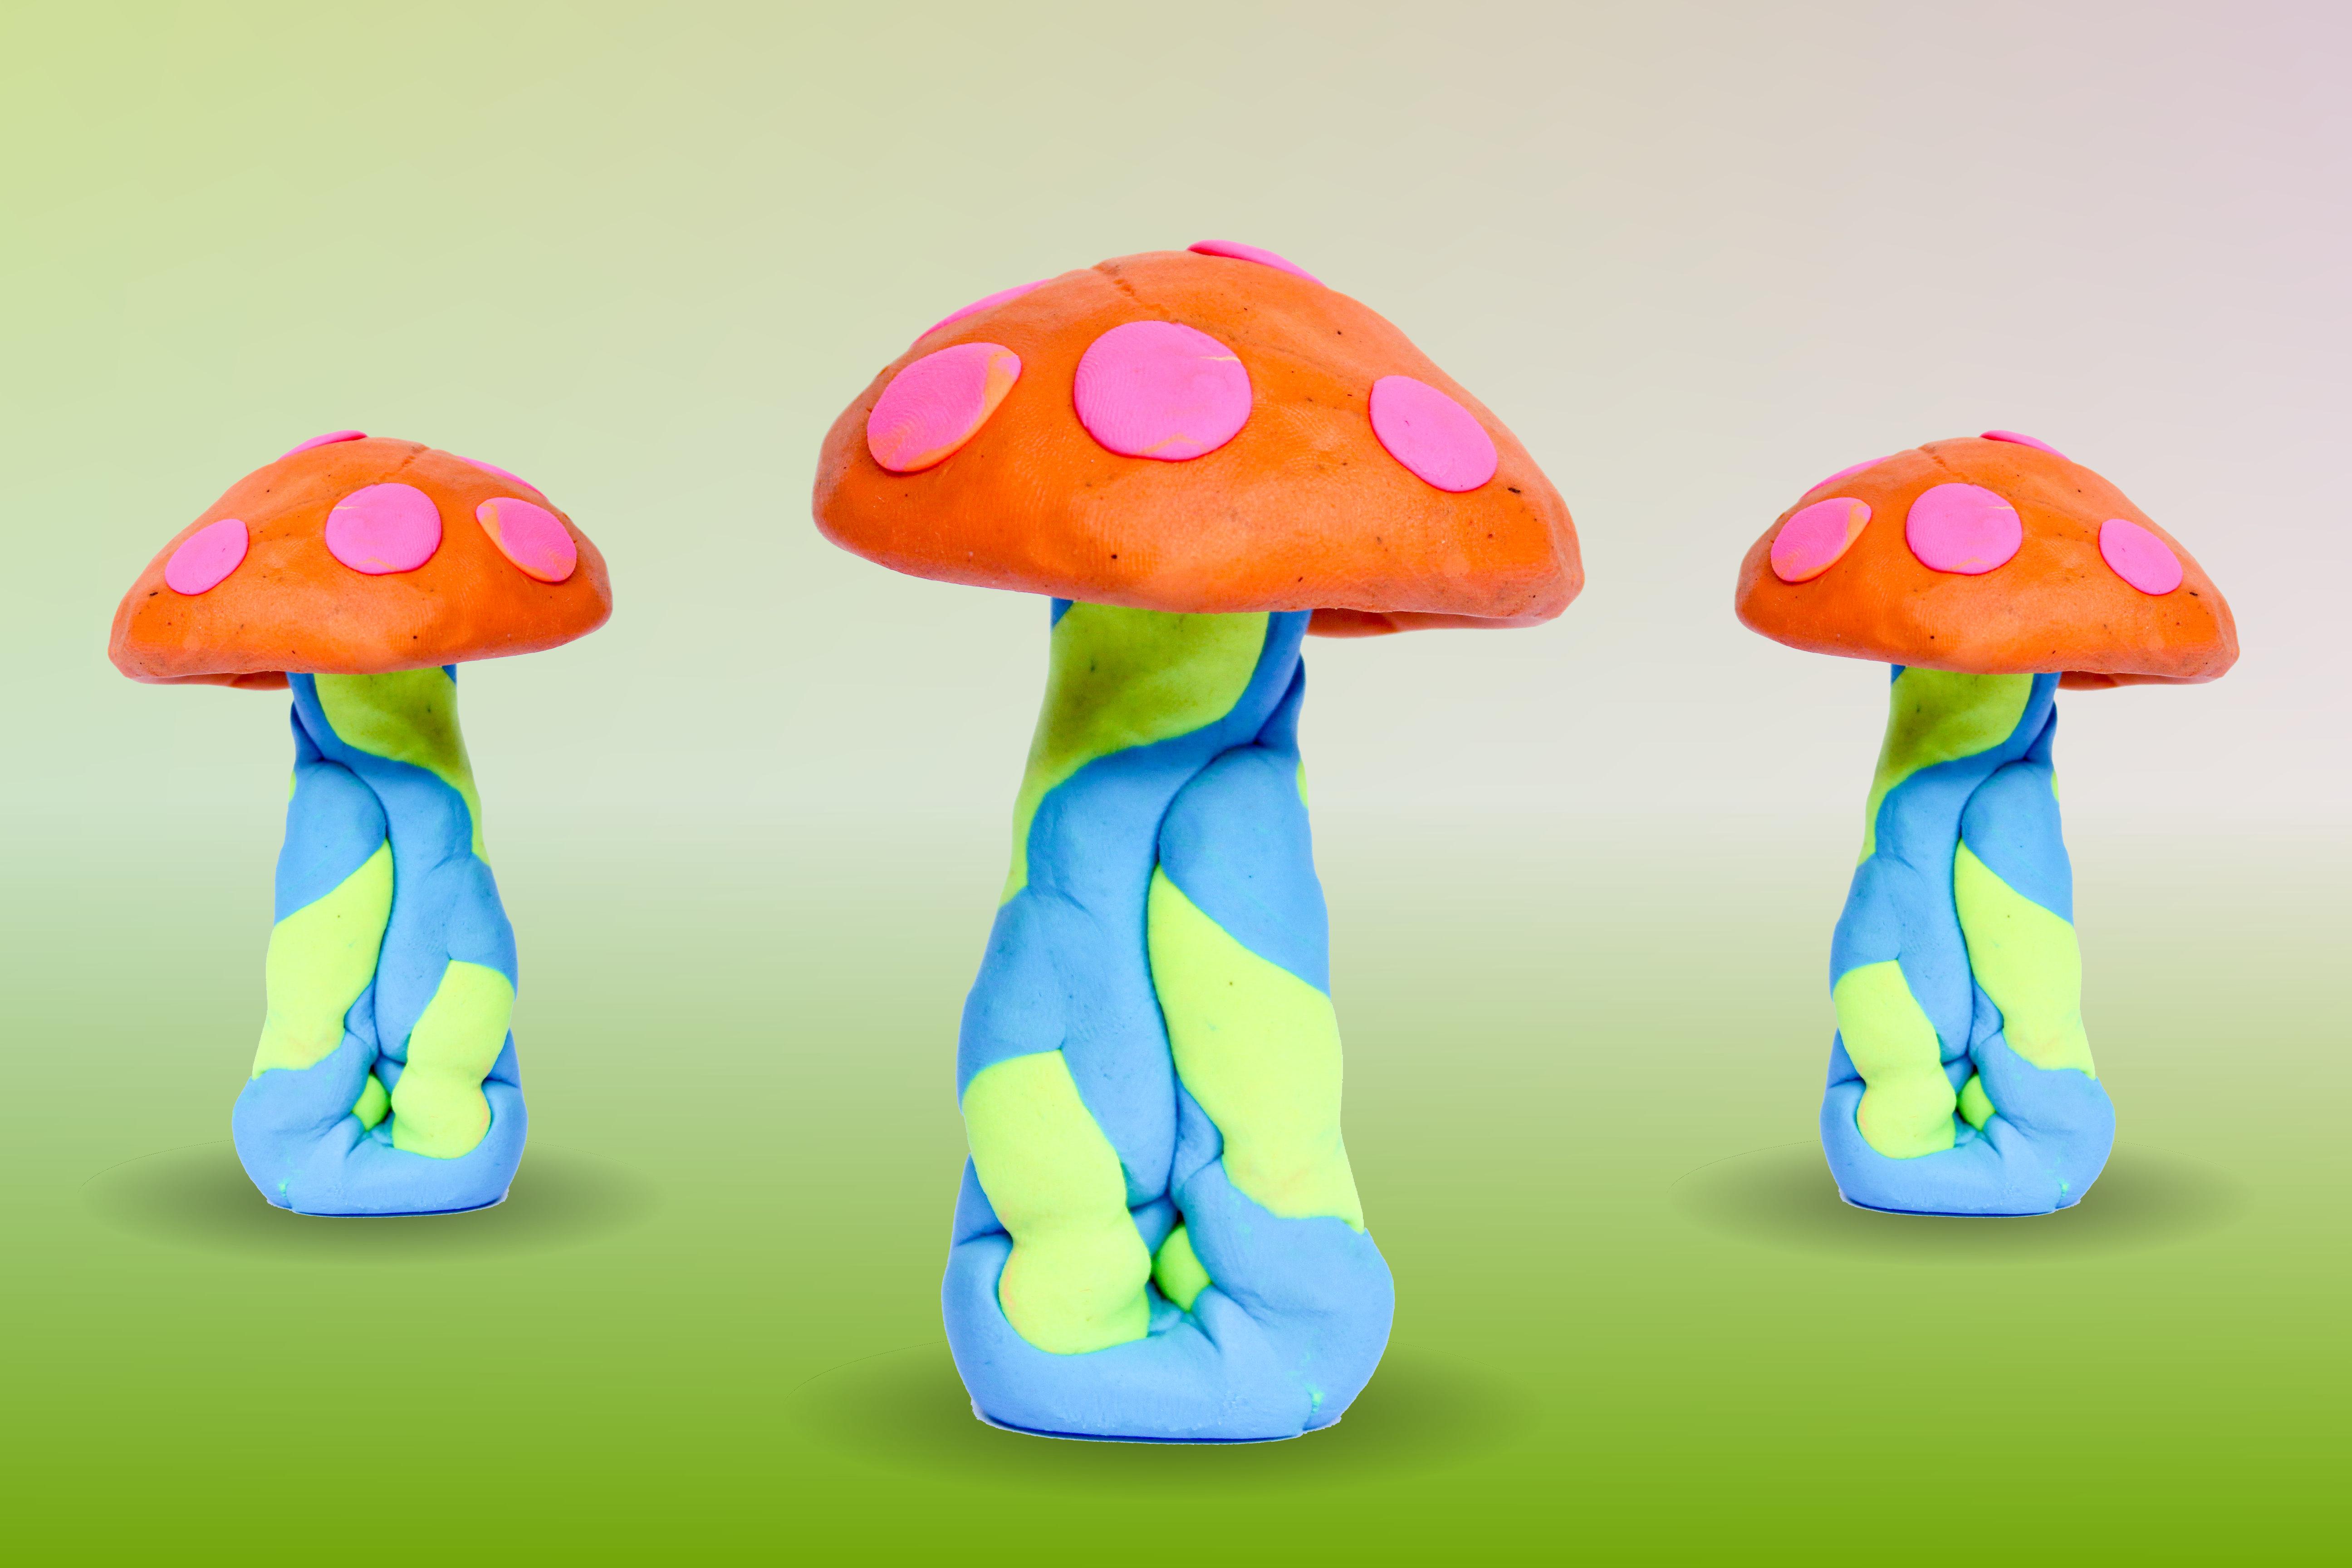 funghi-a-pois